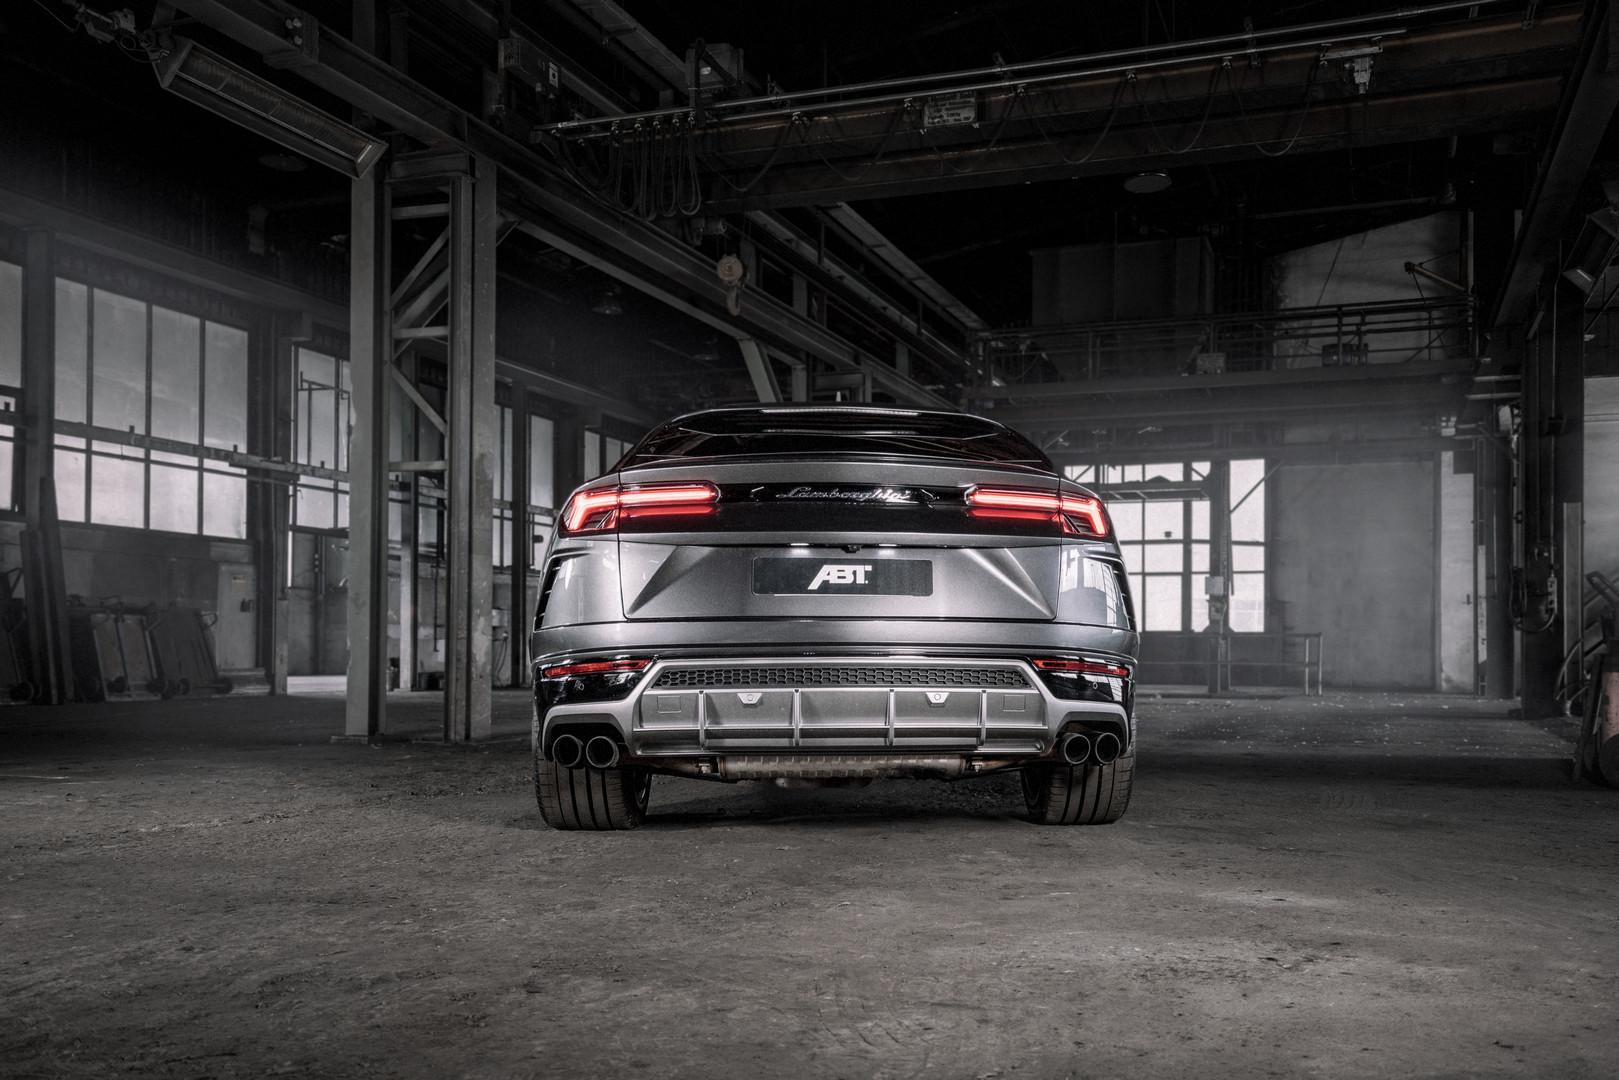 Lamborghini Urus Rear Lights